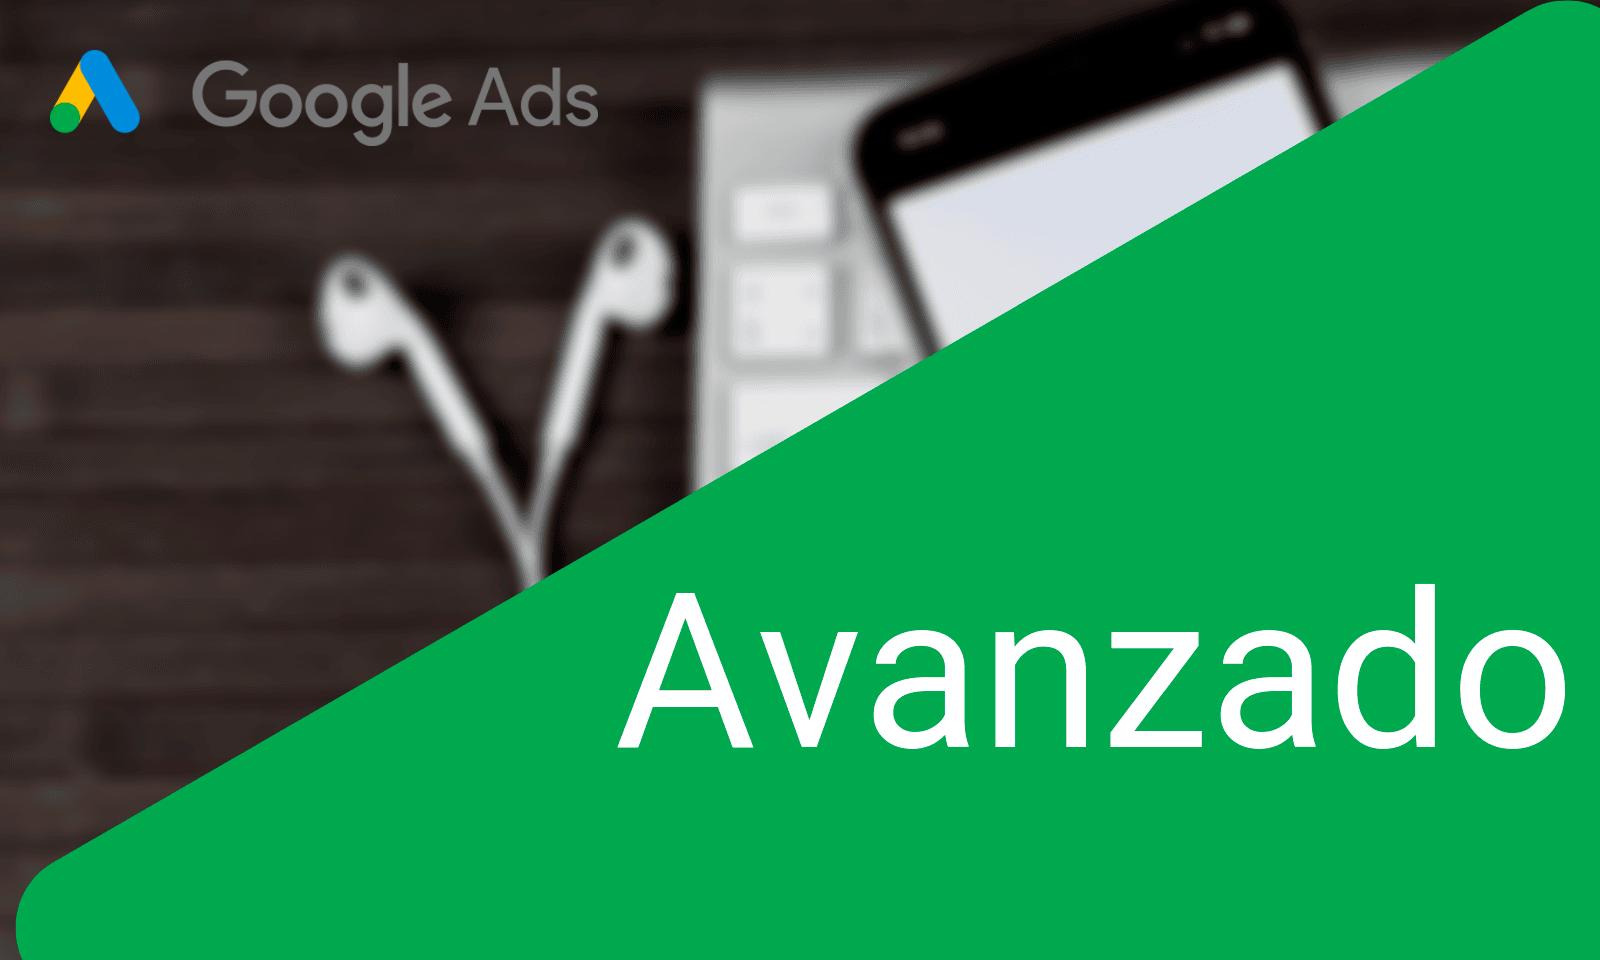 Inteligenzia - Curso Google Marketing Digital / Avanzado